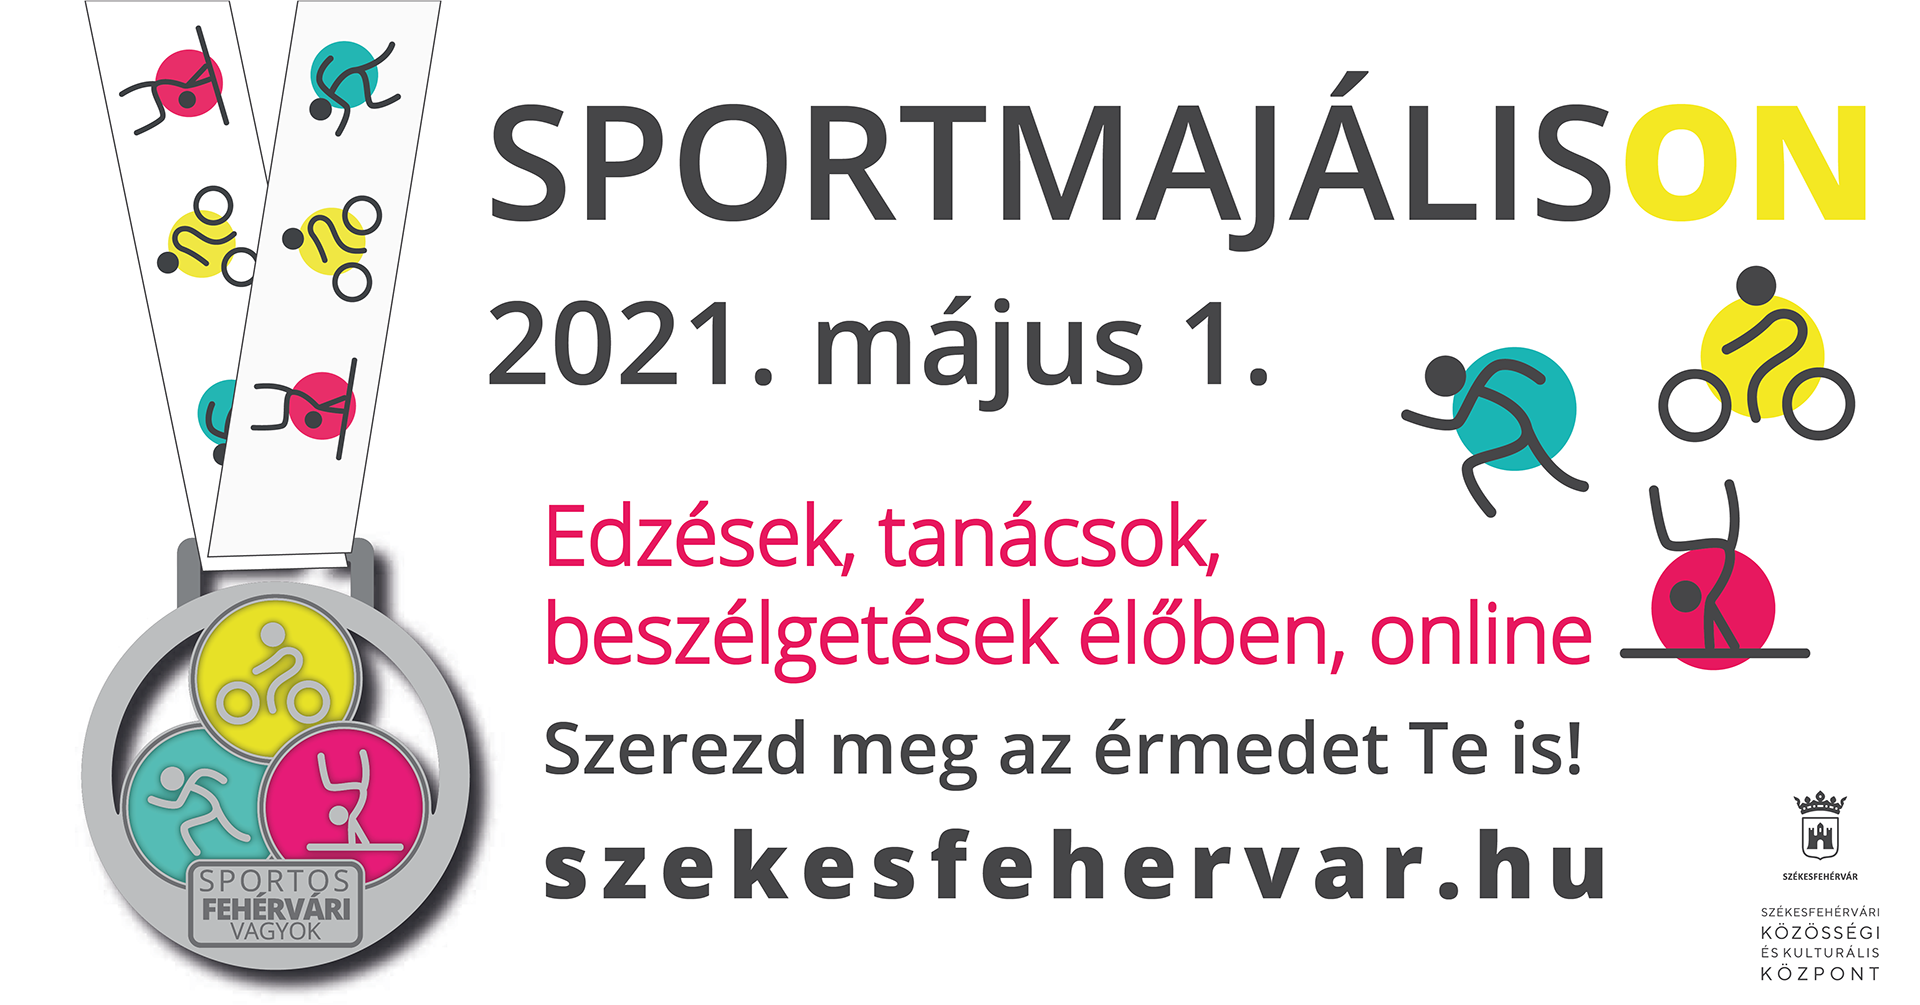 SportmajálisON 2021 @ Székesfehérvár